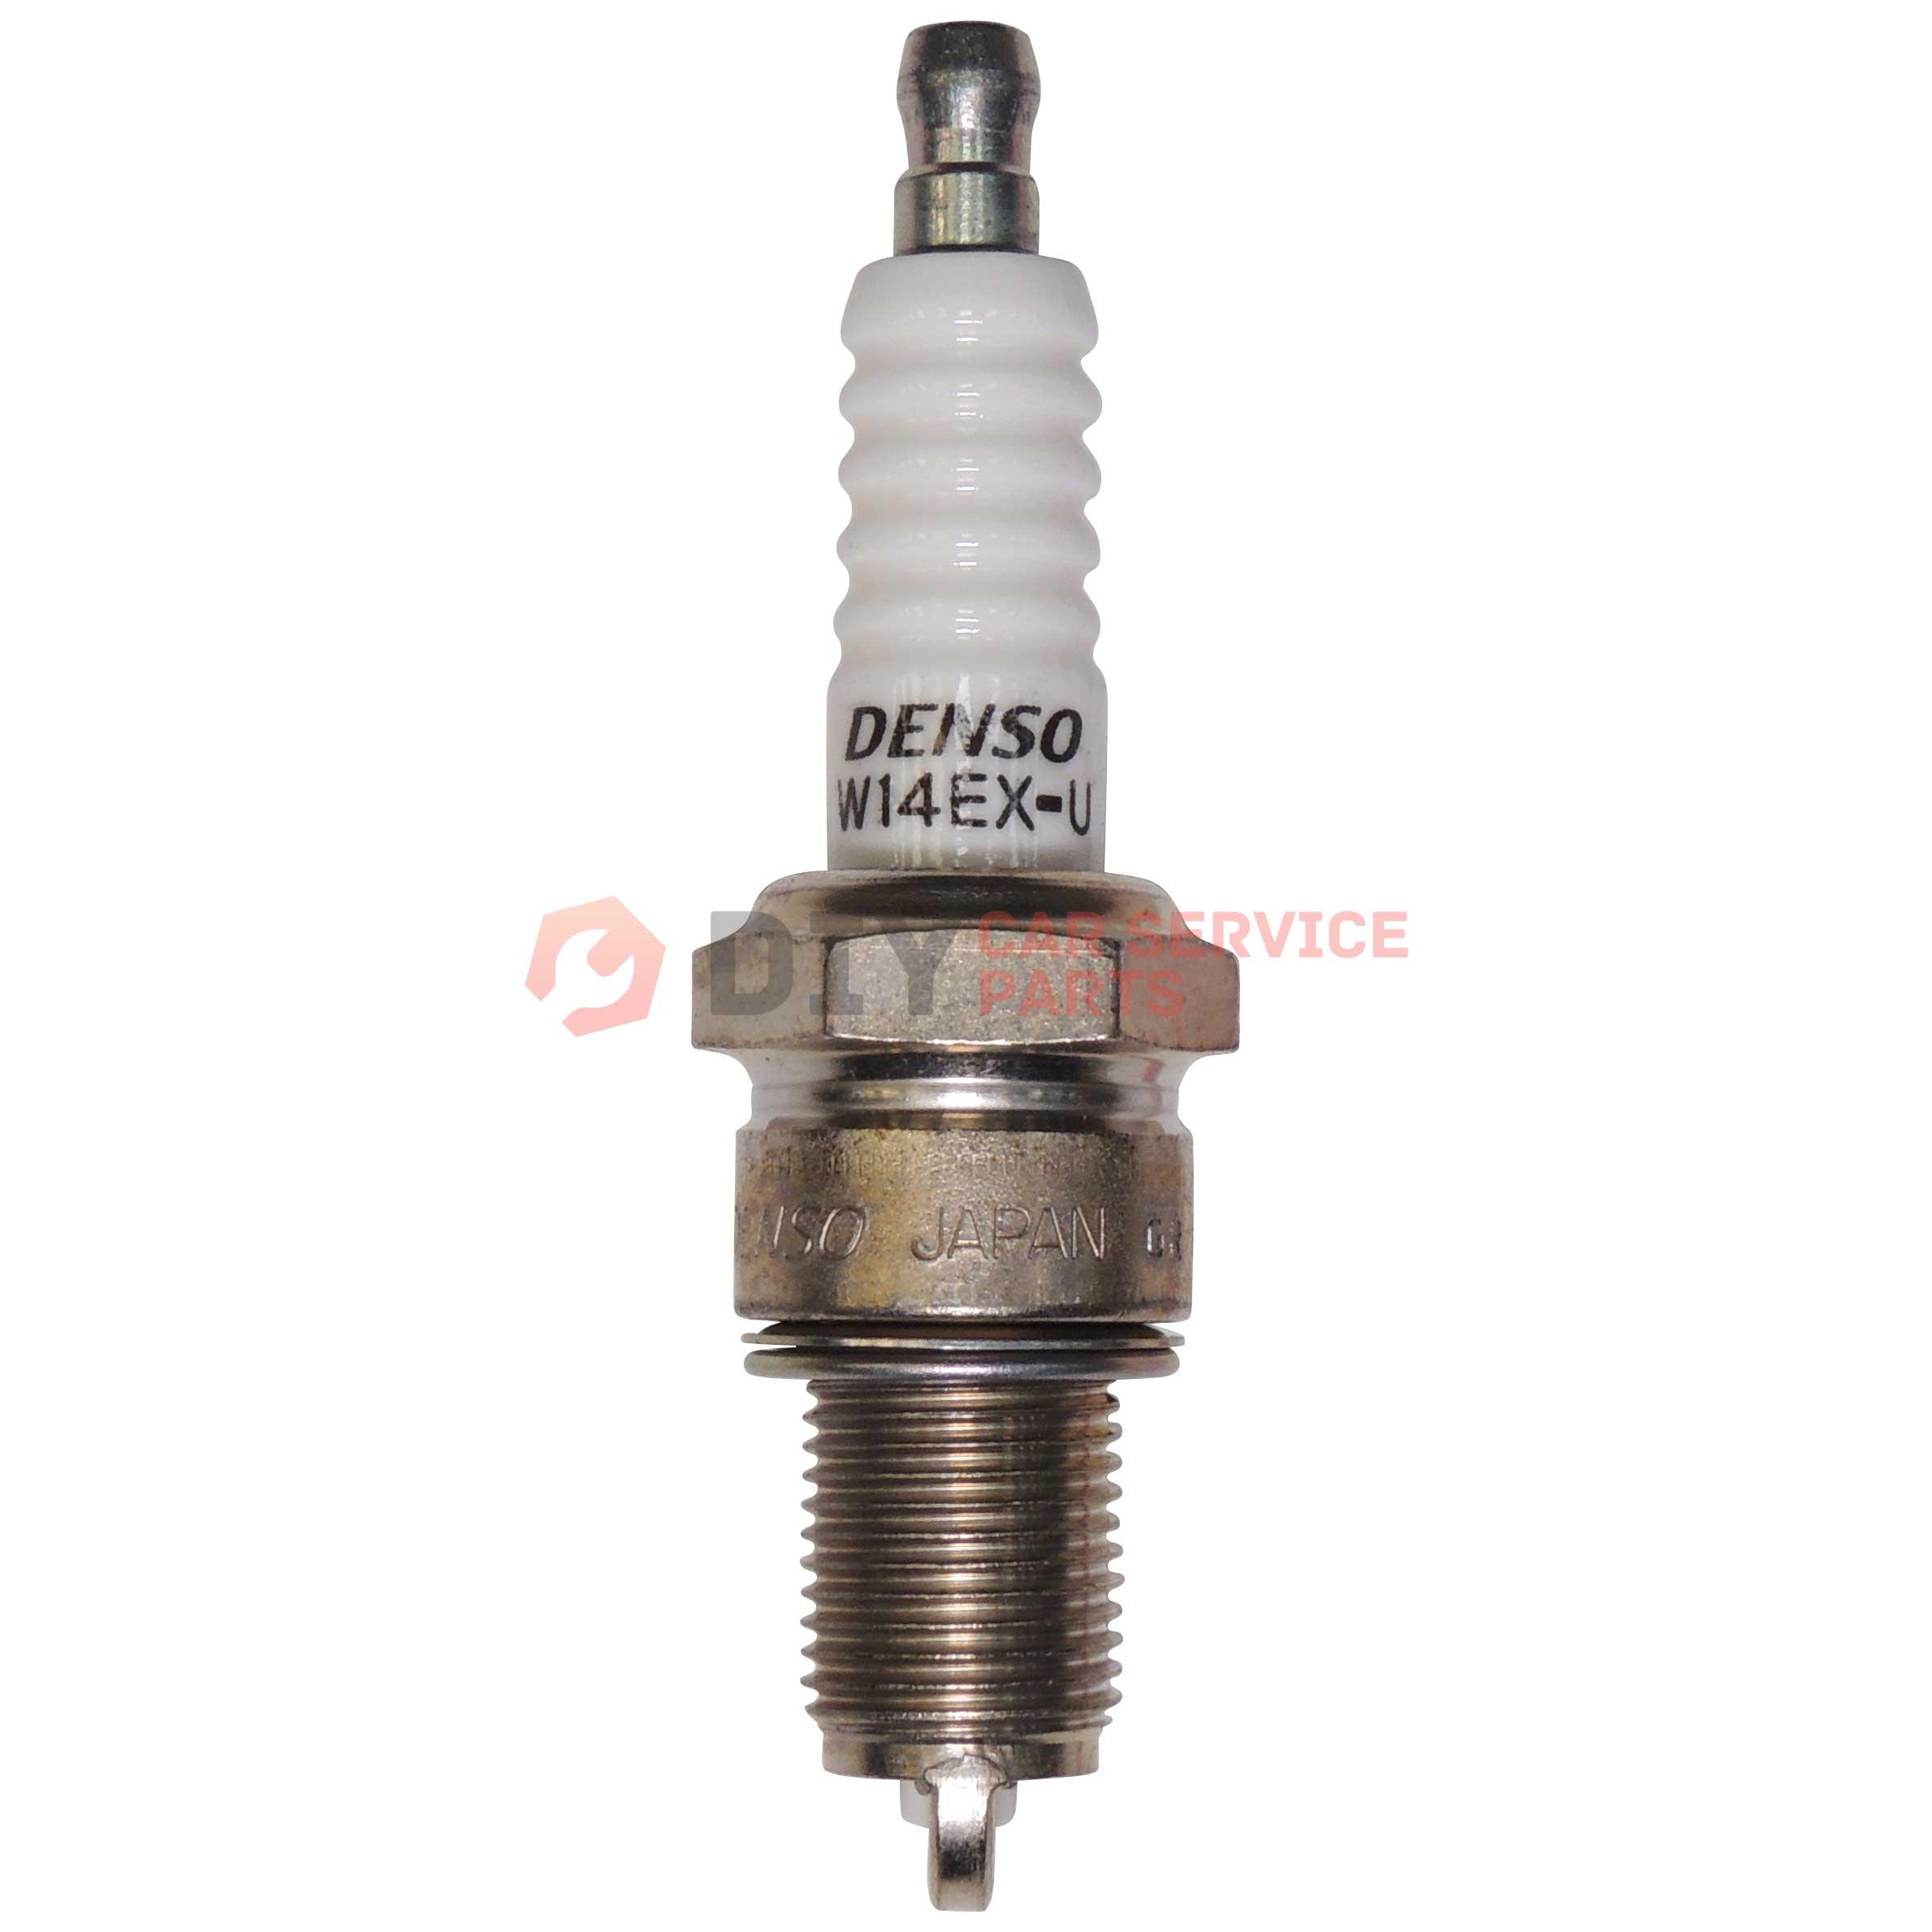 2 pcs NGK 4224 Standard Spark Plug for BPR4ES-11 W14EPR11 2322 RN16YC6 4224 hs